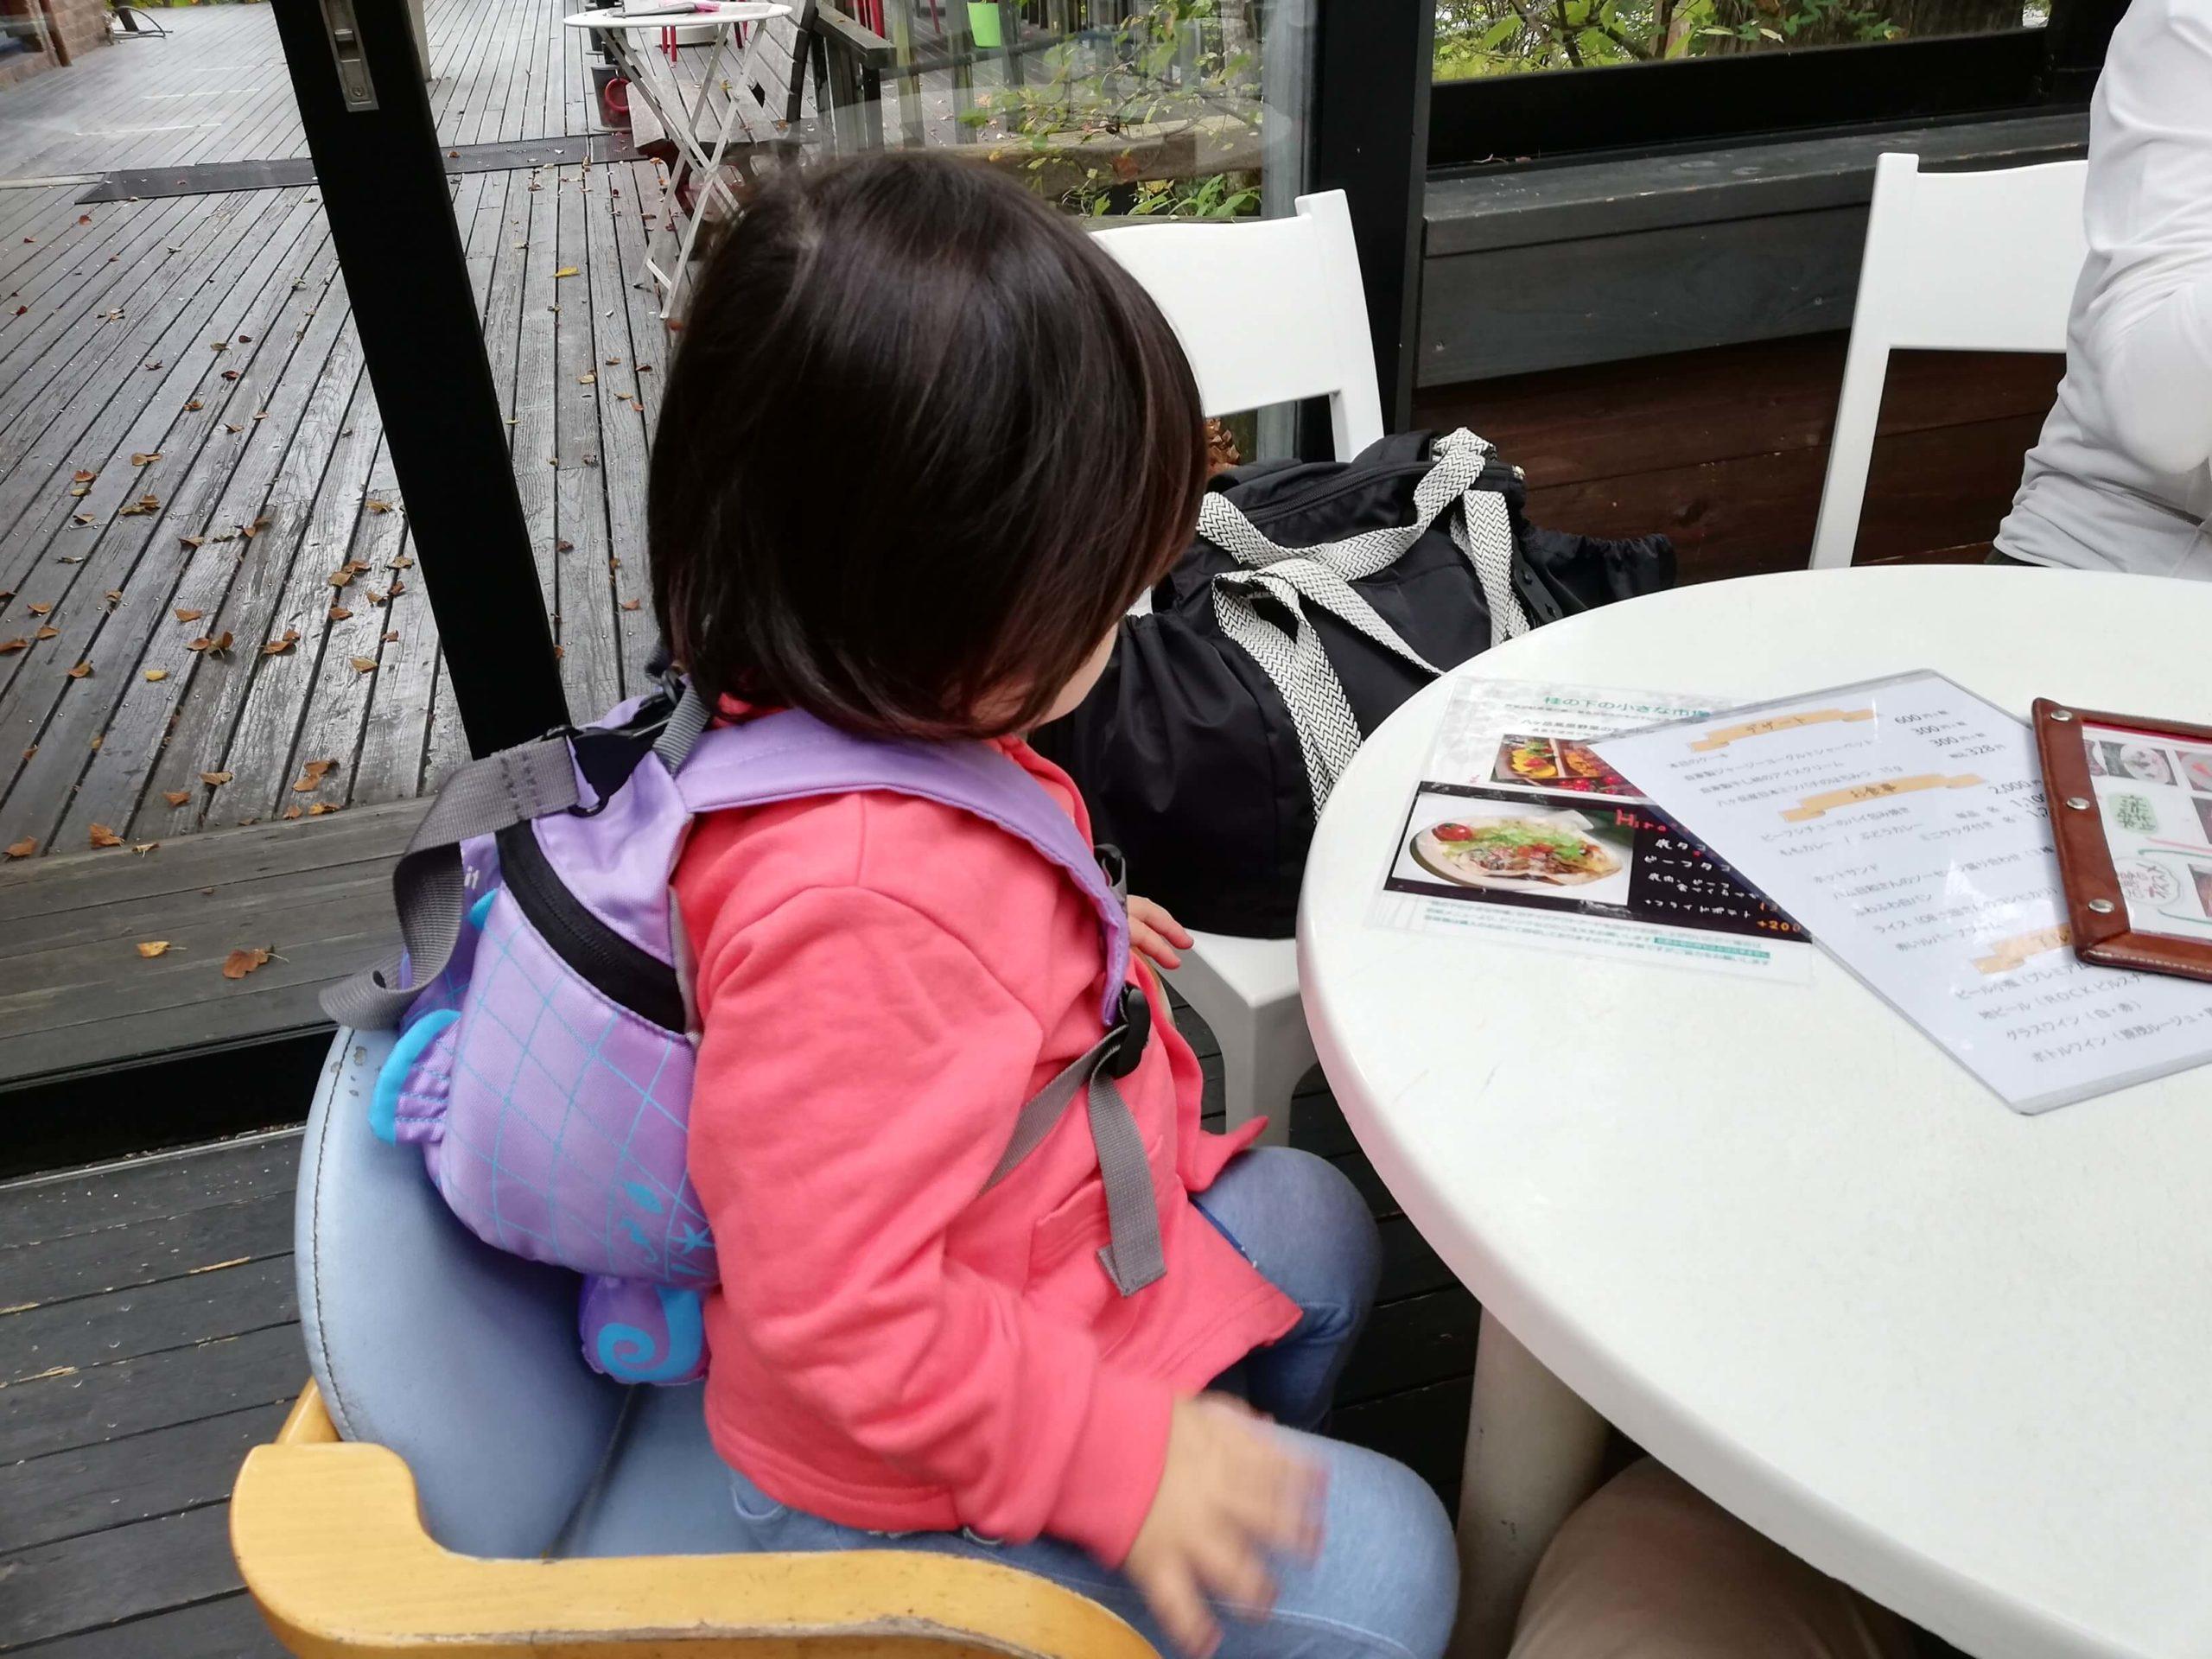 ペットお出かけ 山梨県北杜市 八ヶ岳倶楽部 レストラン 子ども用の椅子もある